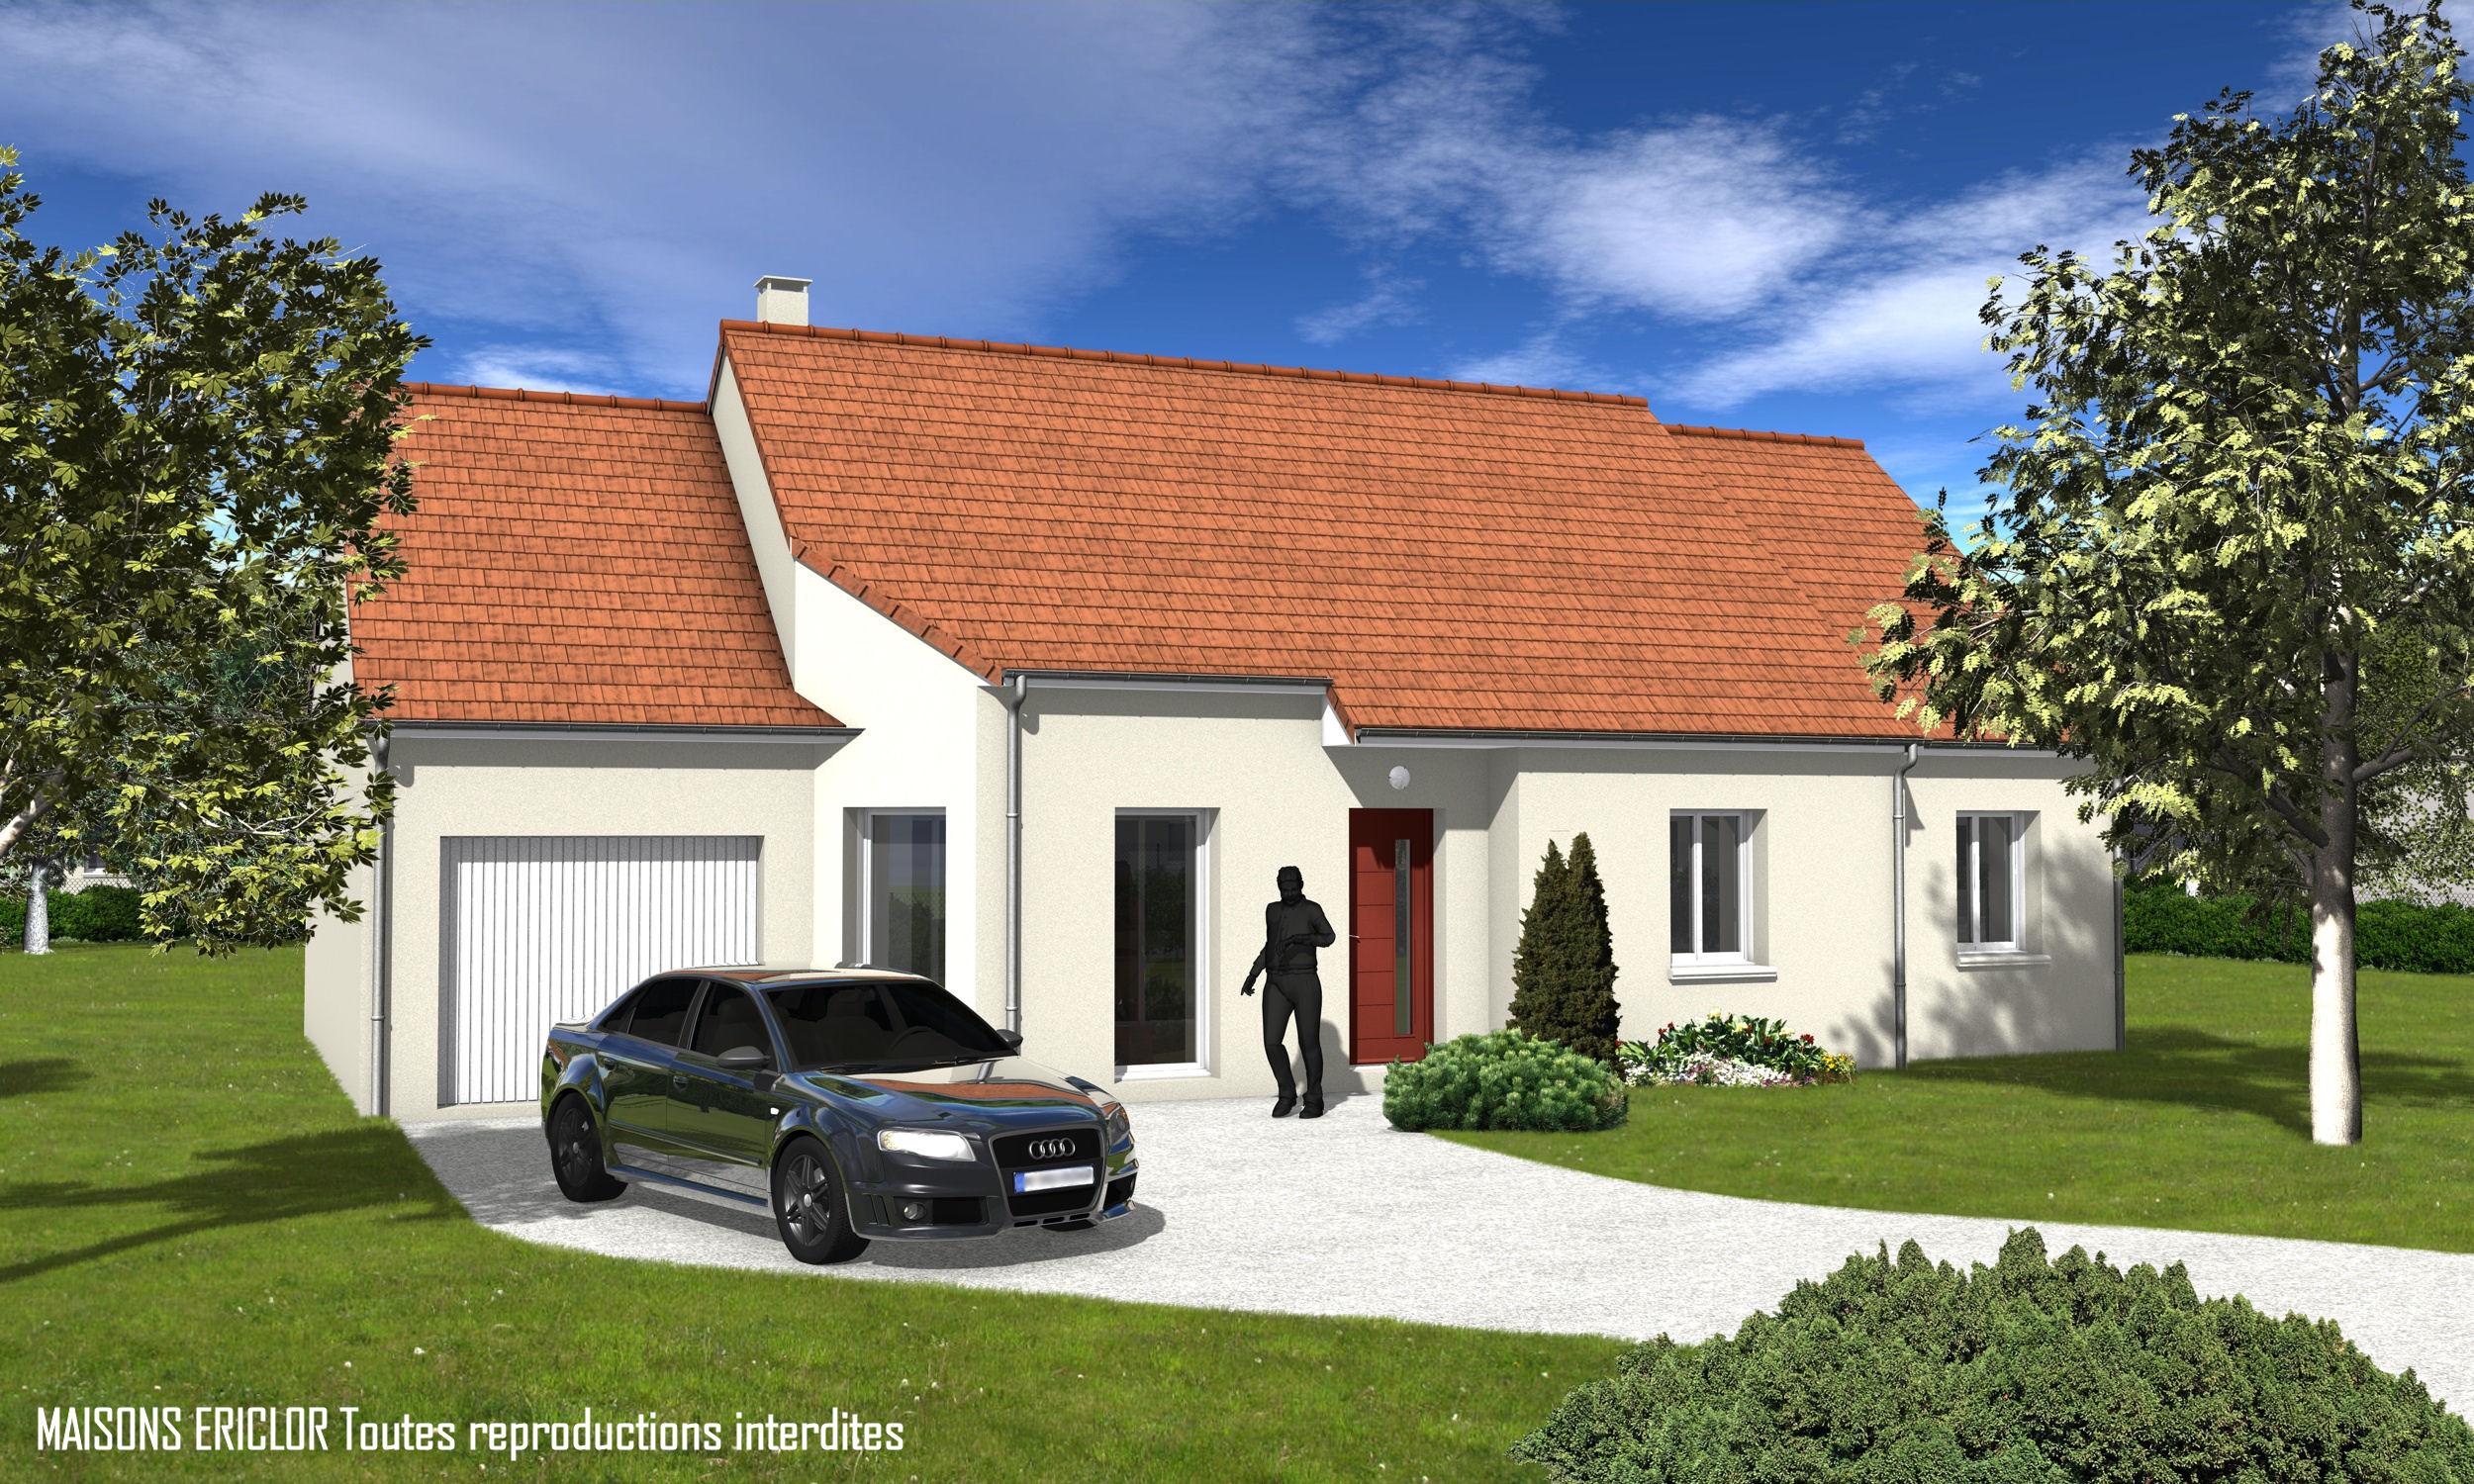 Maisons de plain pied maisons primo accdant maisons avec for Modele maison gironde